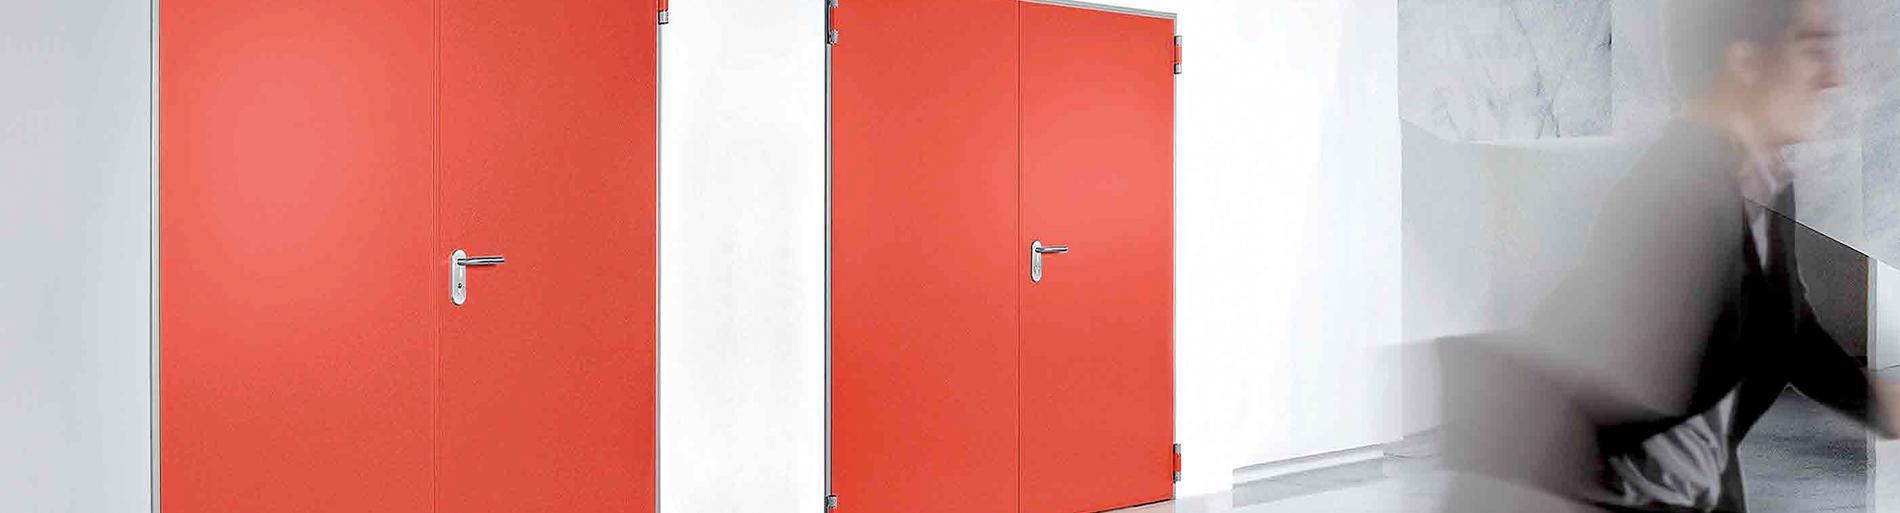 Tagliafuoco ninz vendita porte tagliafuoco tecno for Porte tagliafuoco